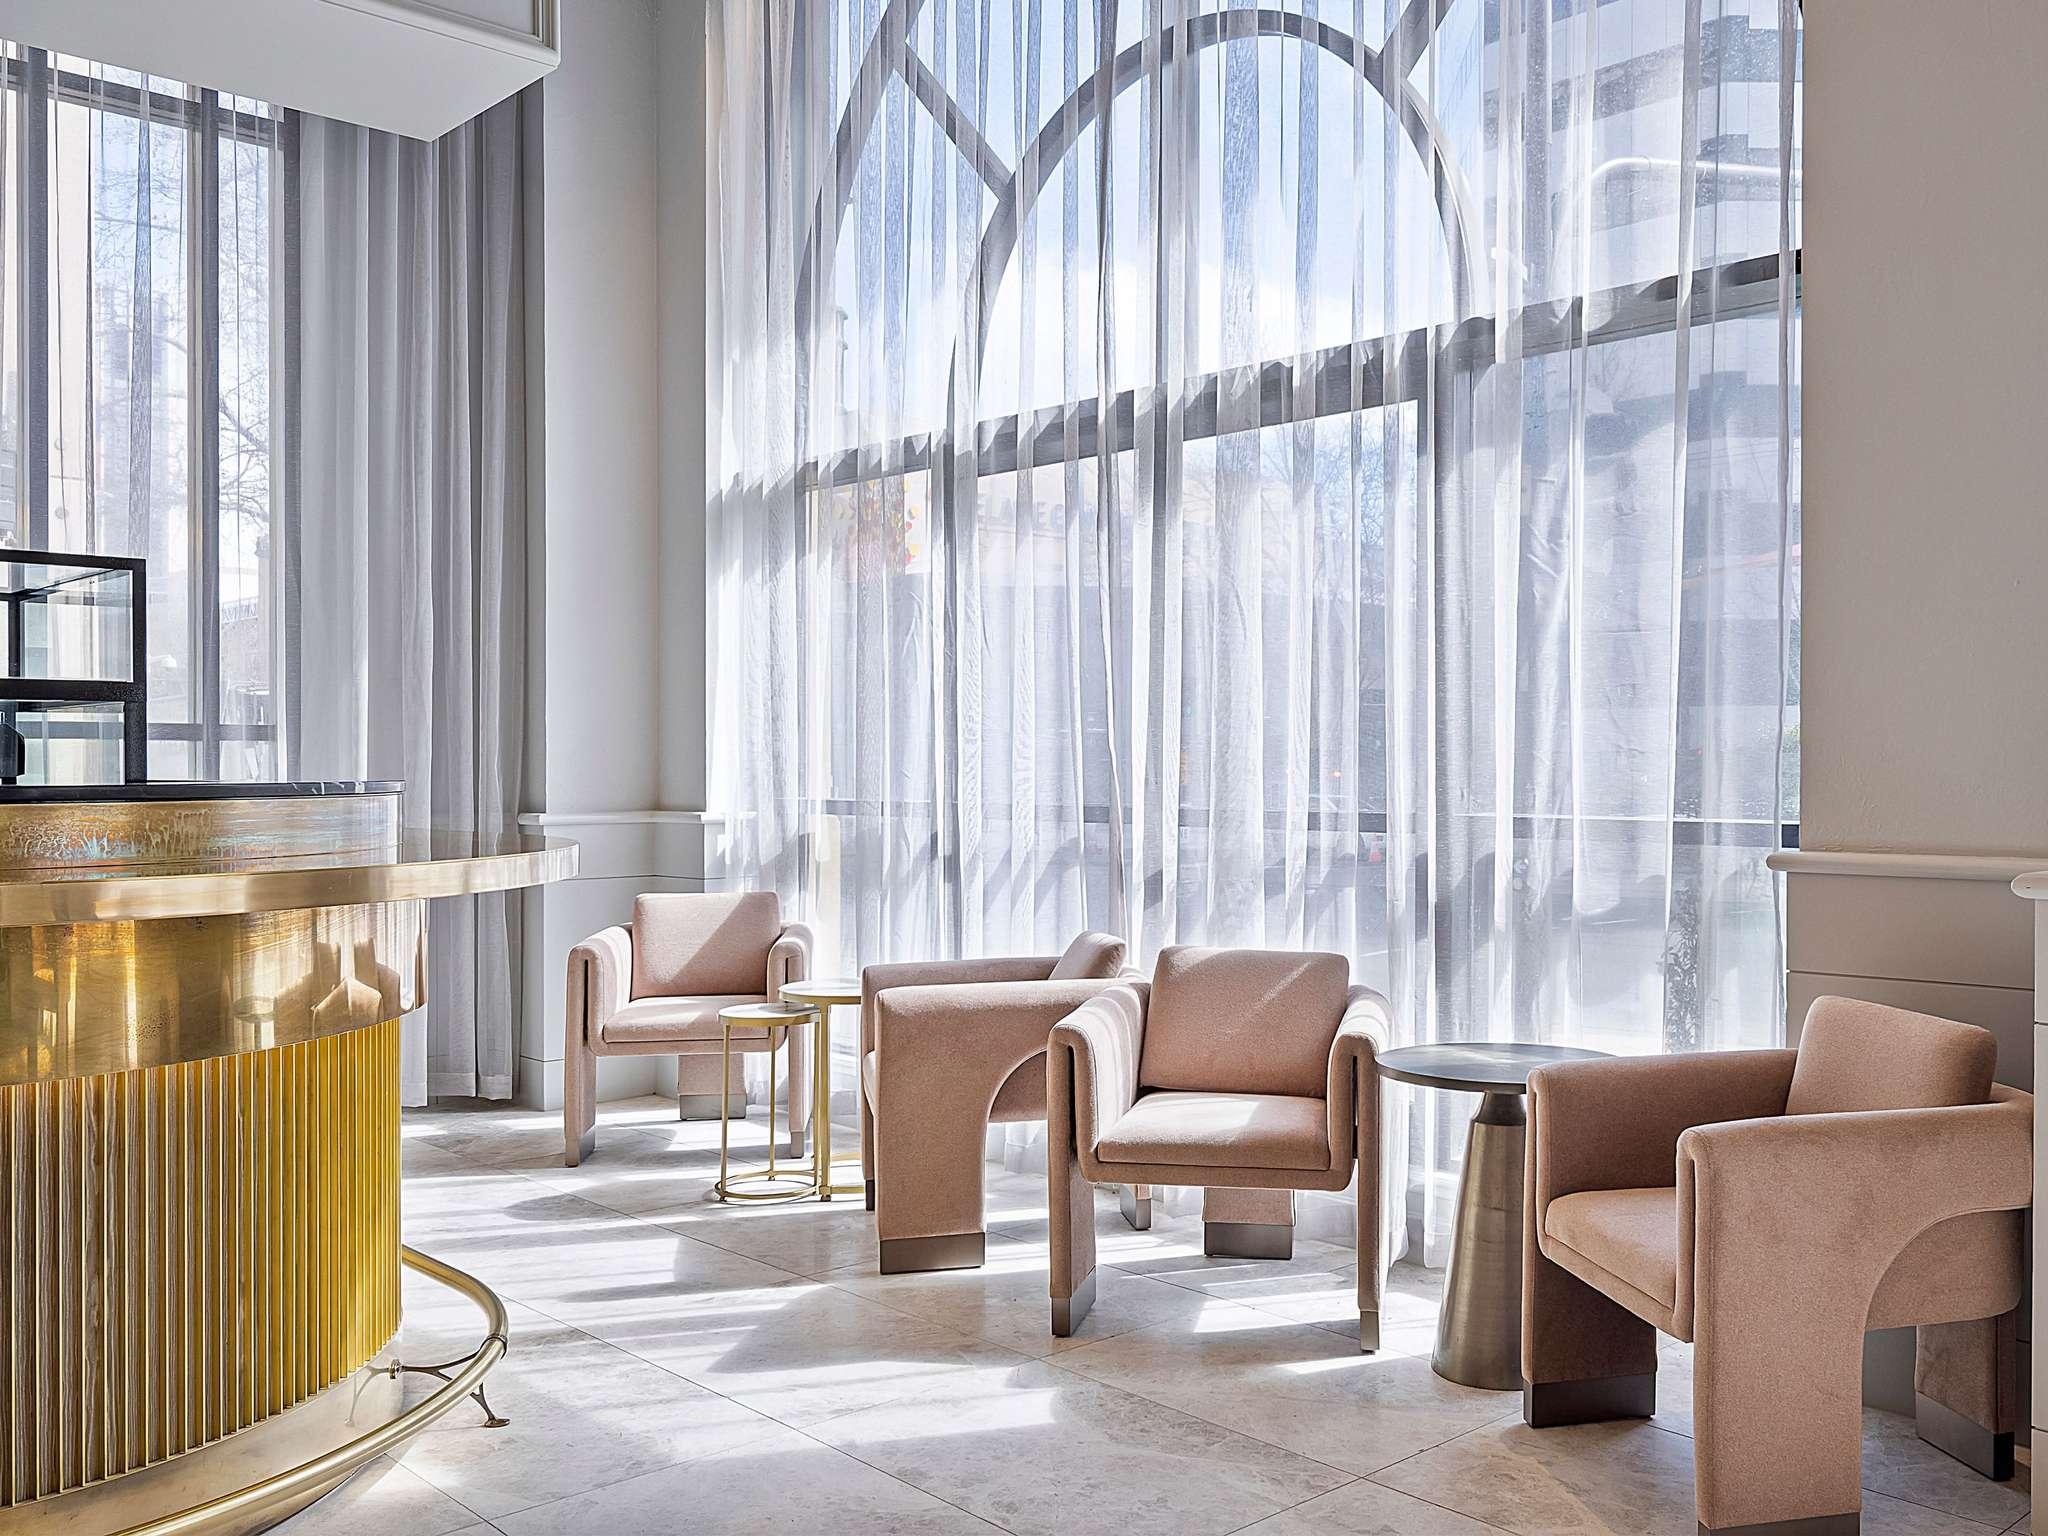 ホテル – プレイフォード アデレード - Mギャラリー by ソフィテル